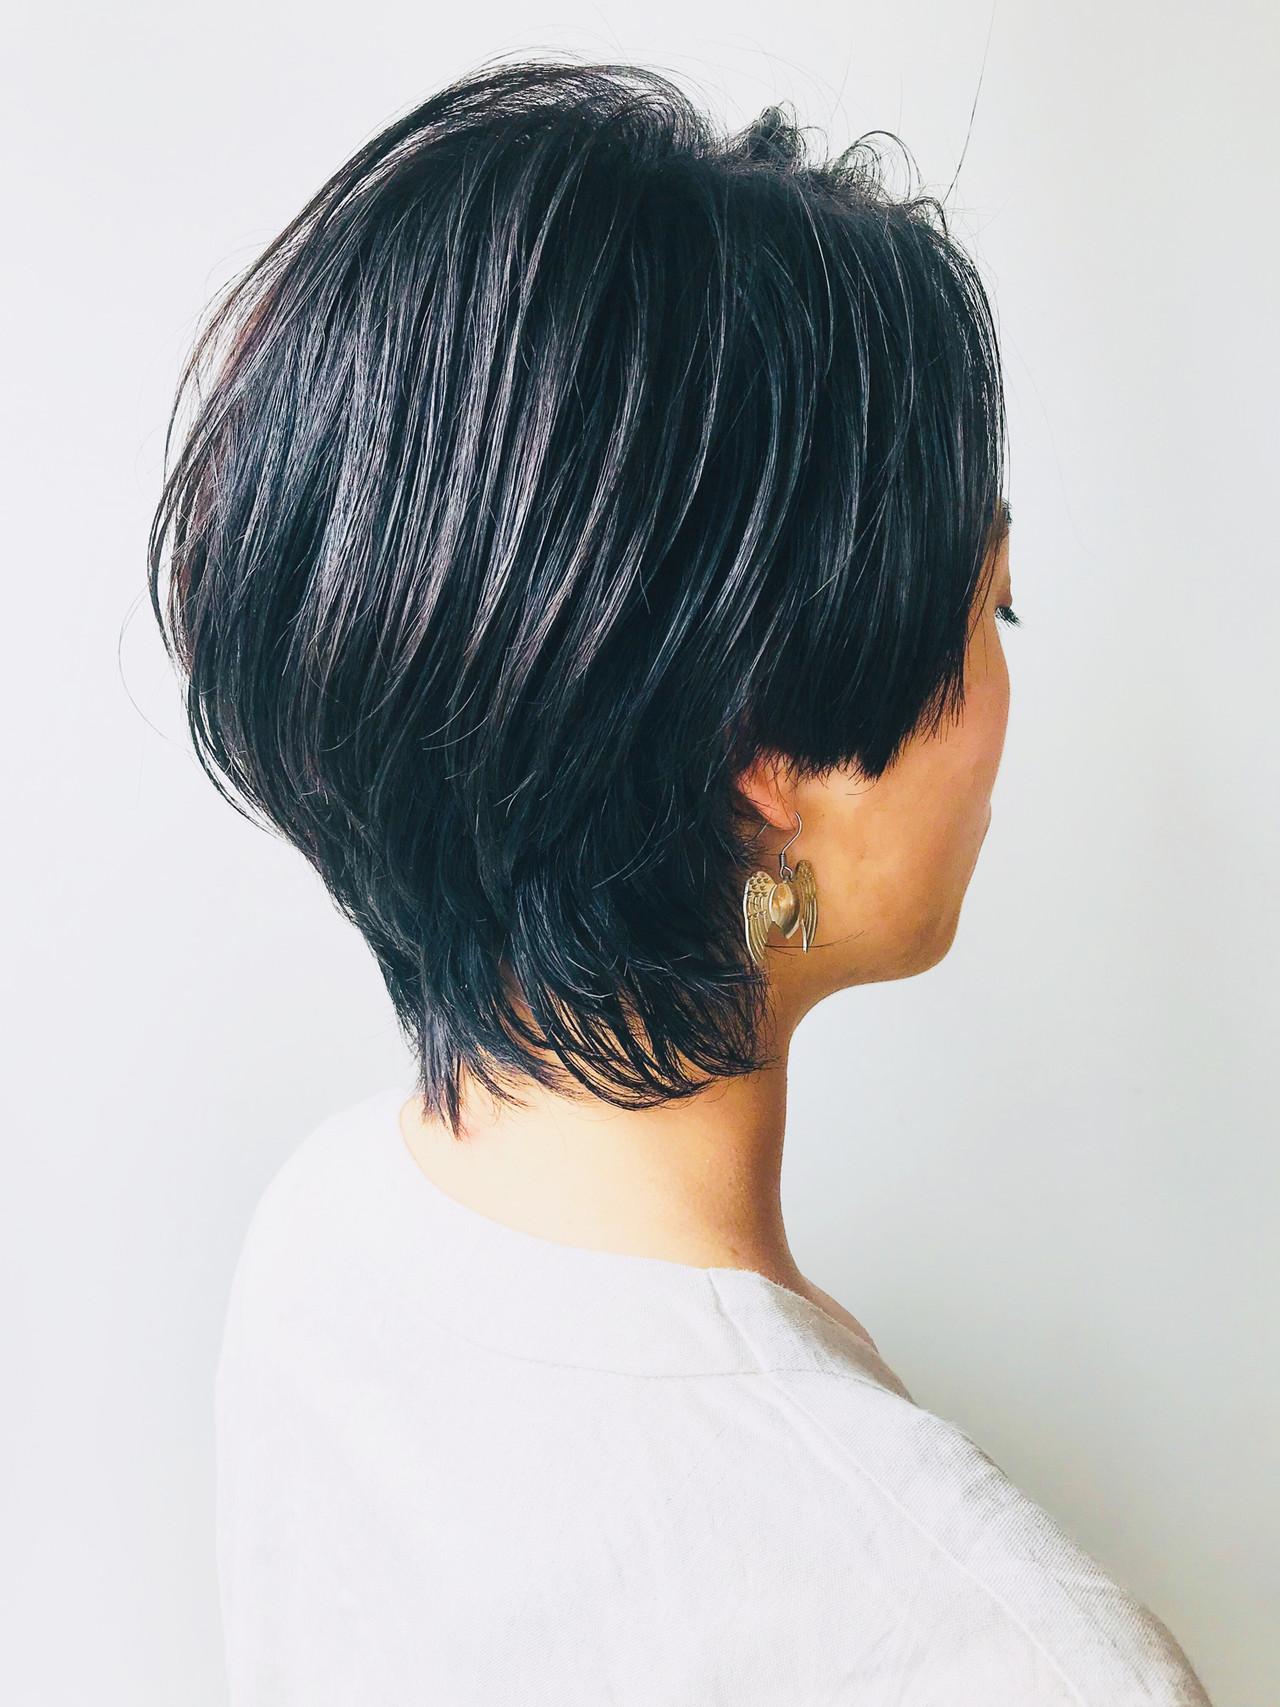 フェミニンウルフ ショート ウルフカット モード ヘアスタイルや髪型の写真・画像 | 小原布未加 / morio flom London 原宿本店